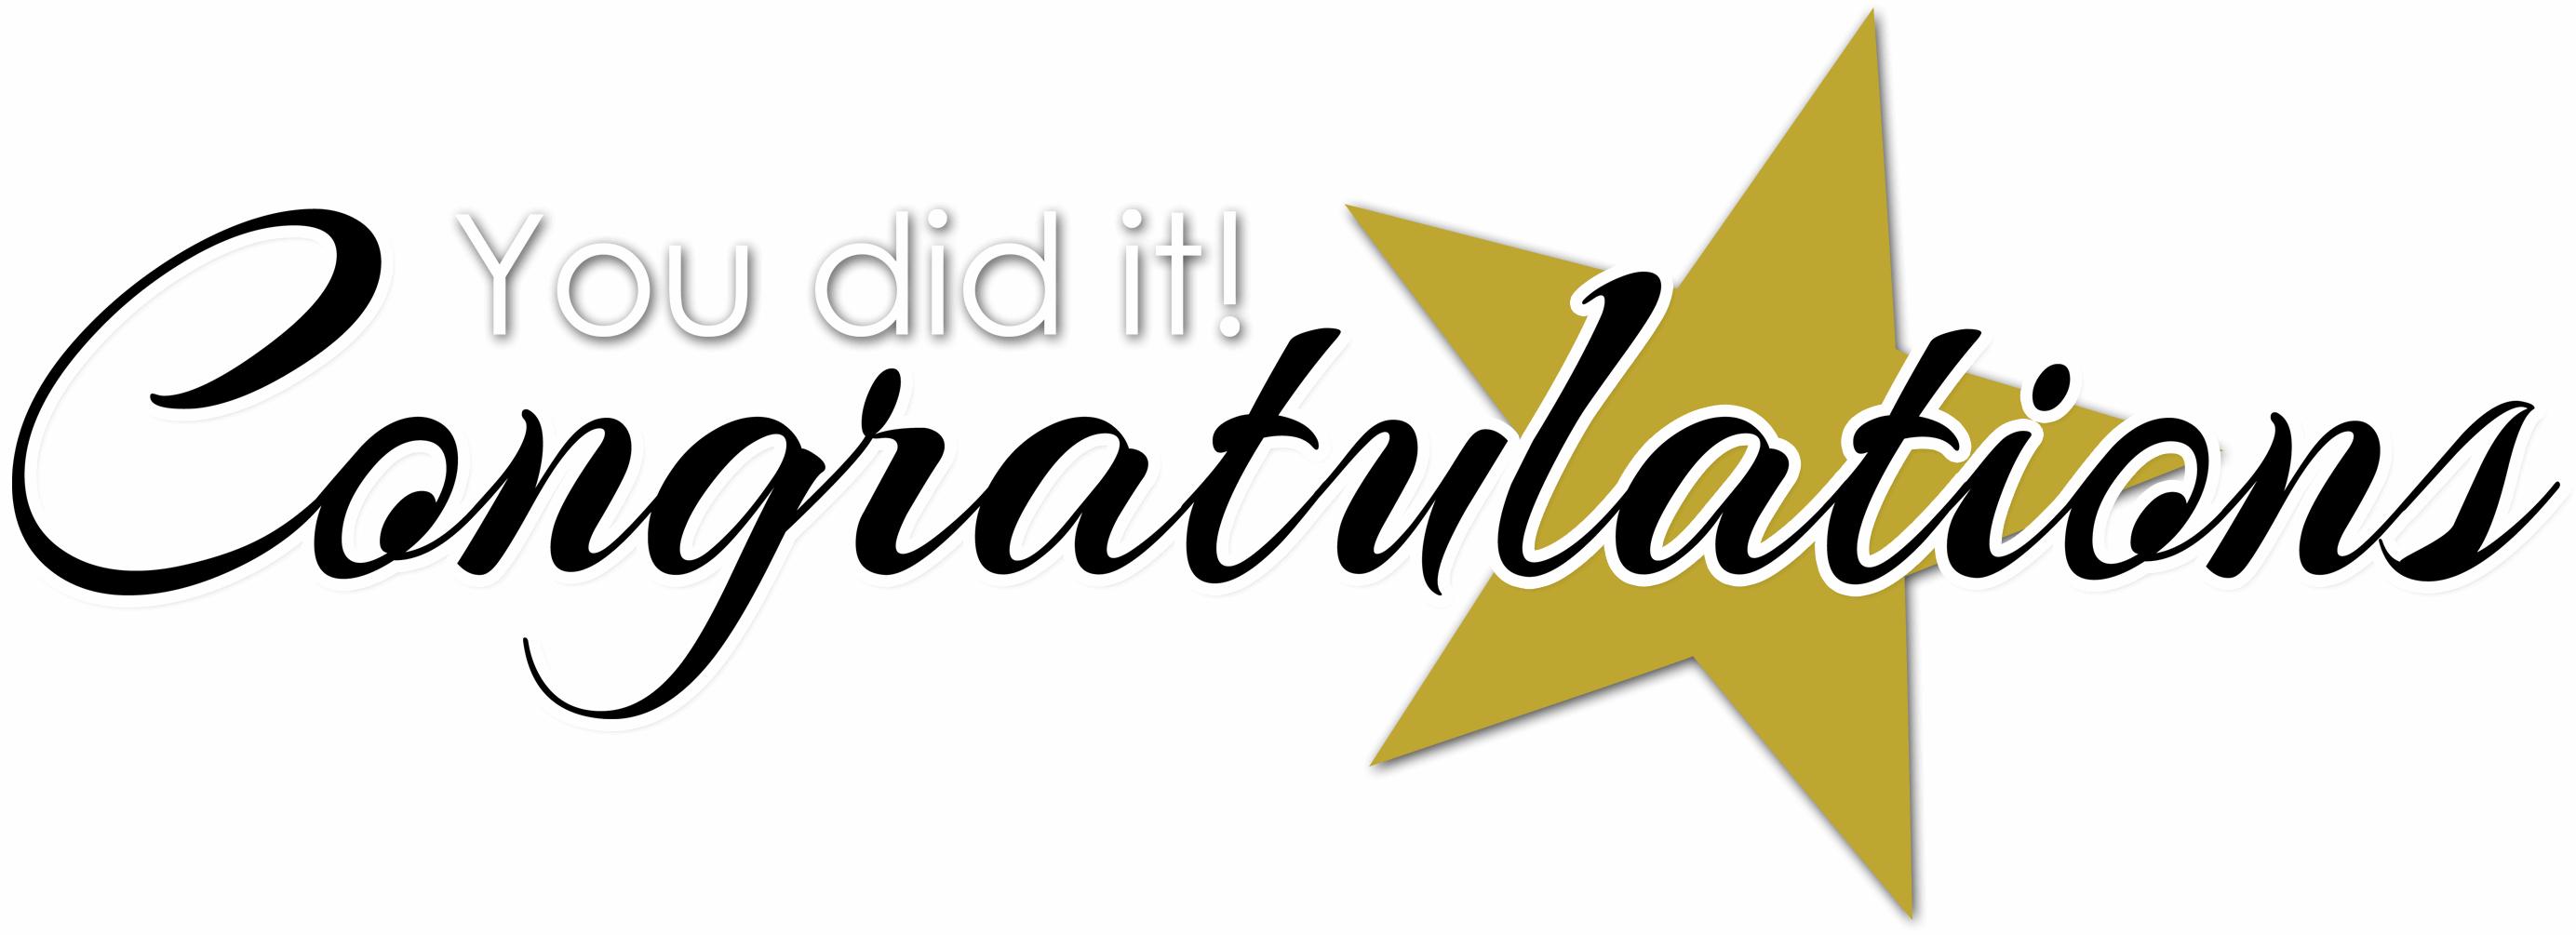 Congratulations Clipart.